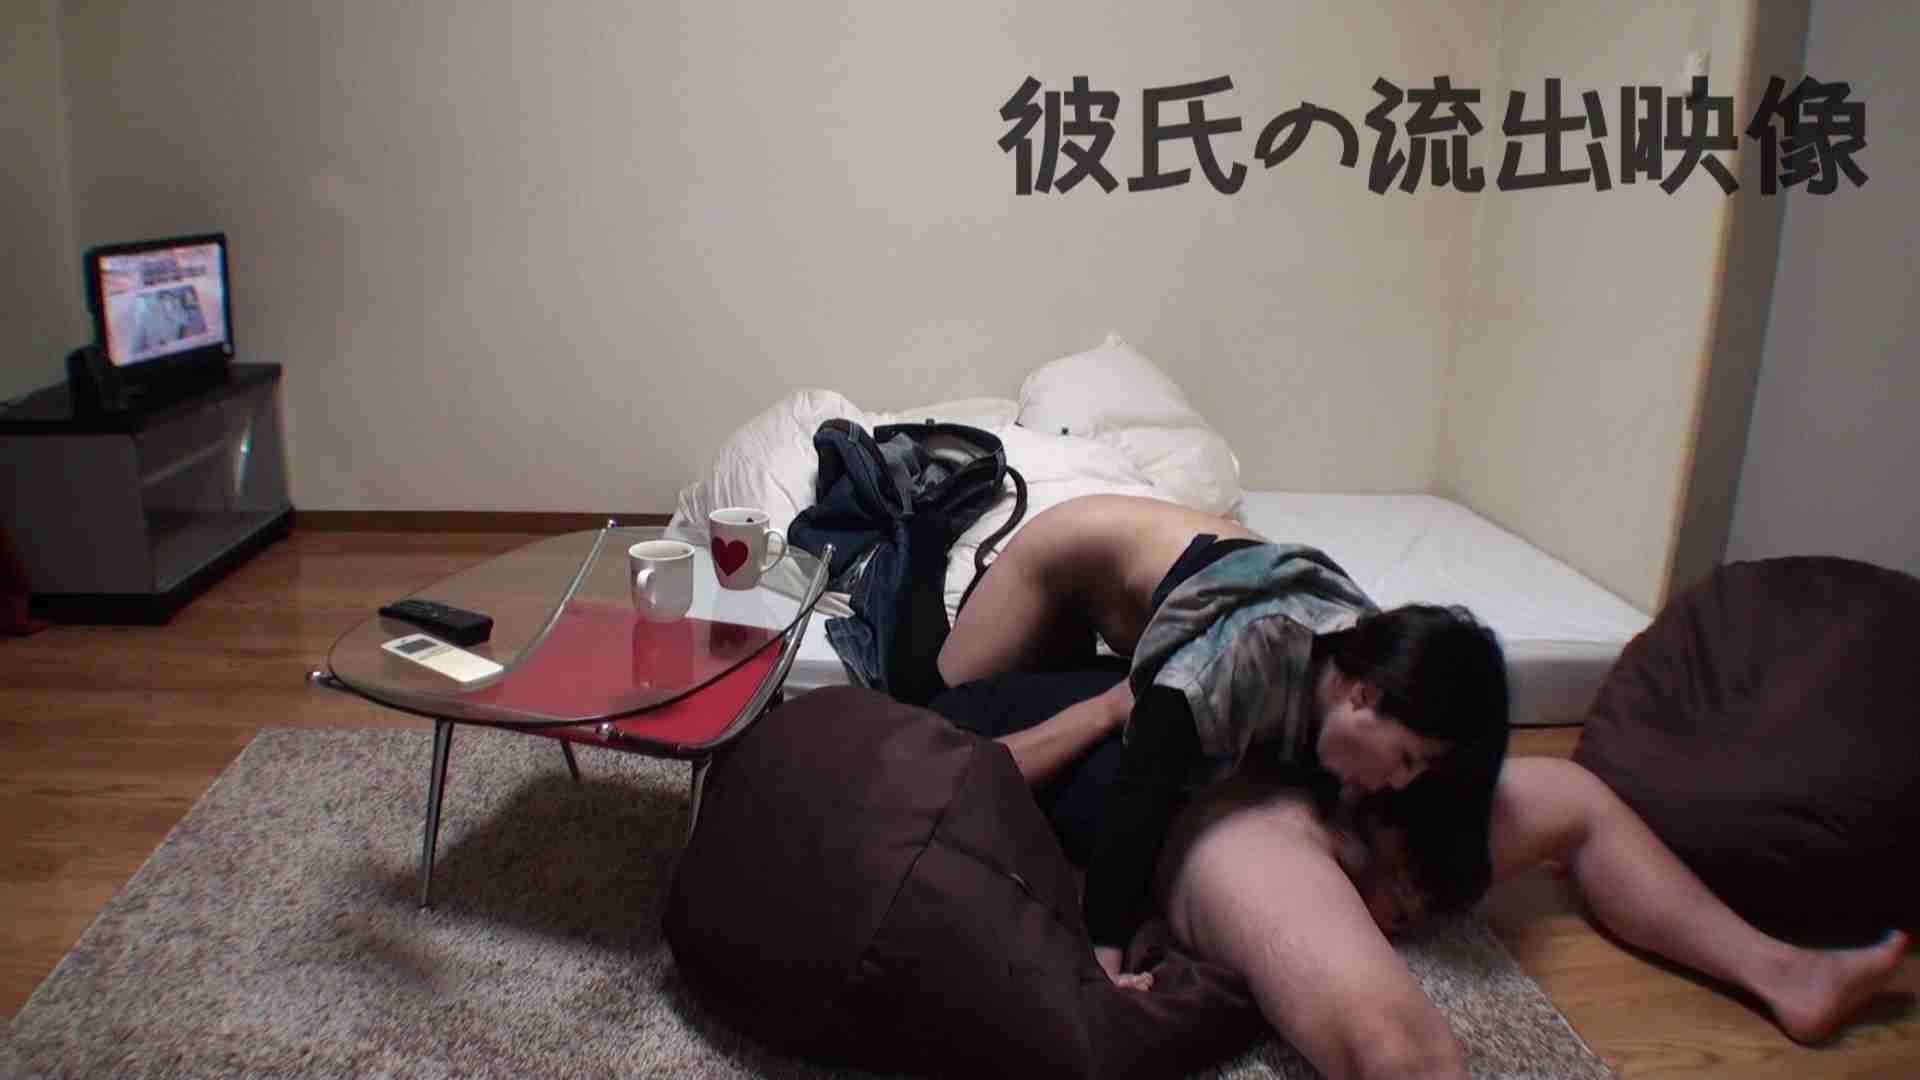 彼氏が流出 パイパン素人嬢のハメ撮り映像02 中出し AV動画キャプチャ 79pic 53